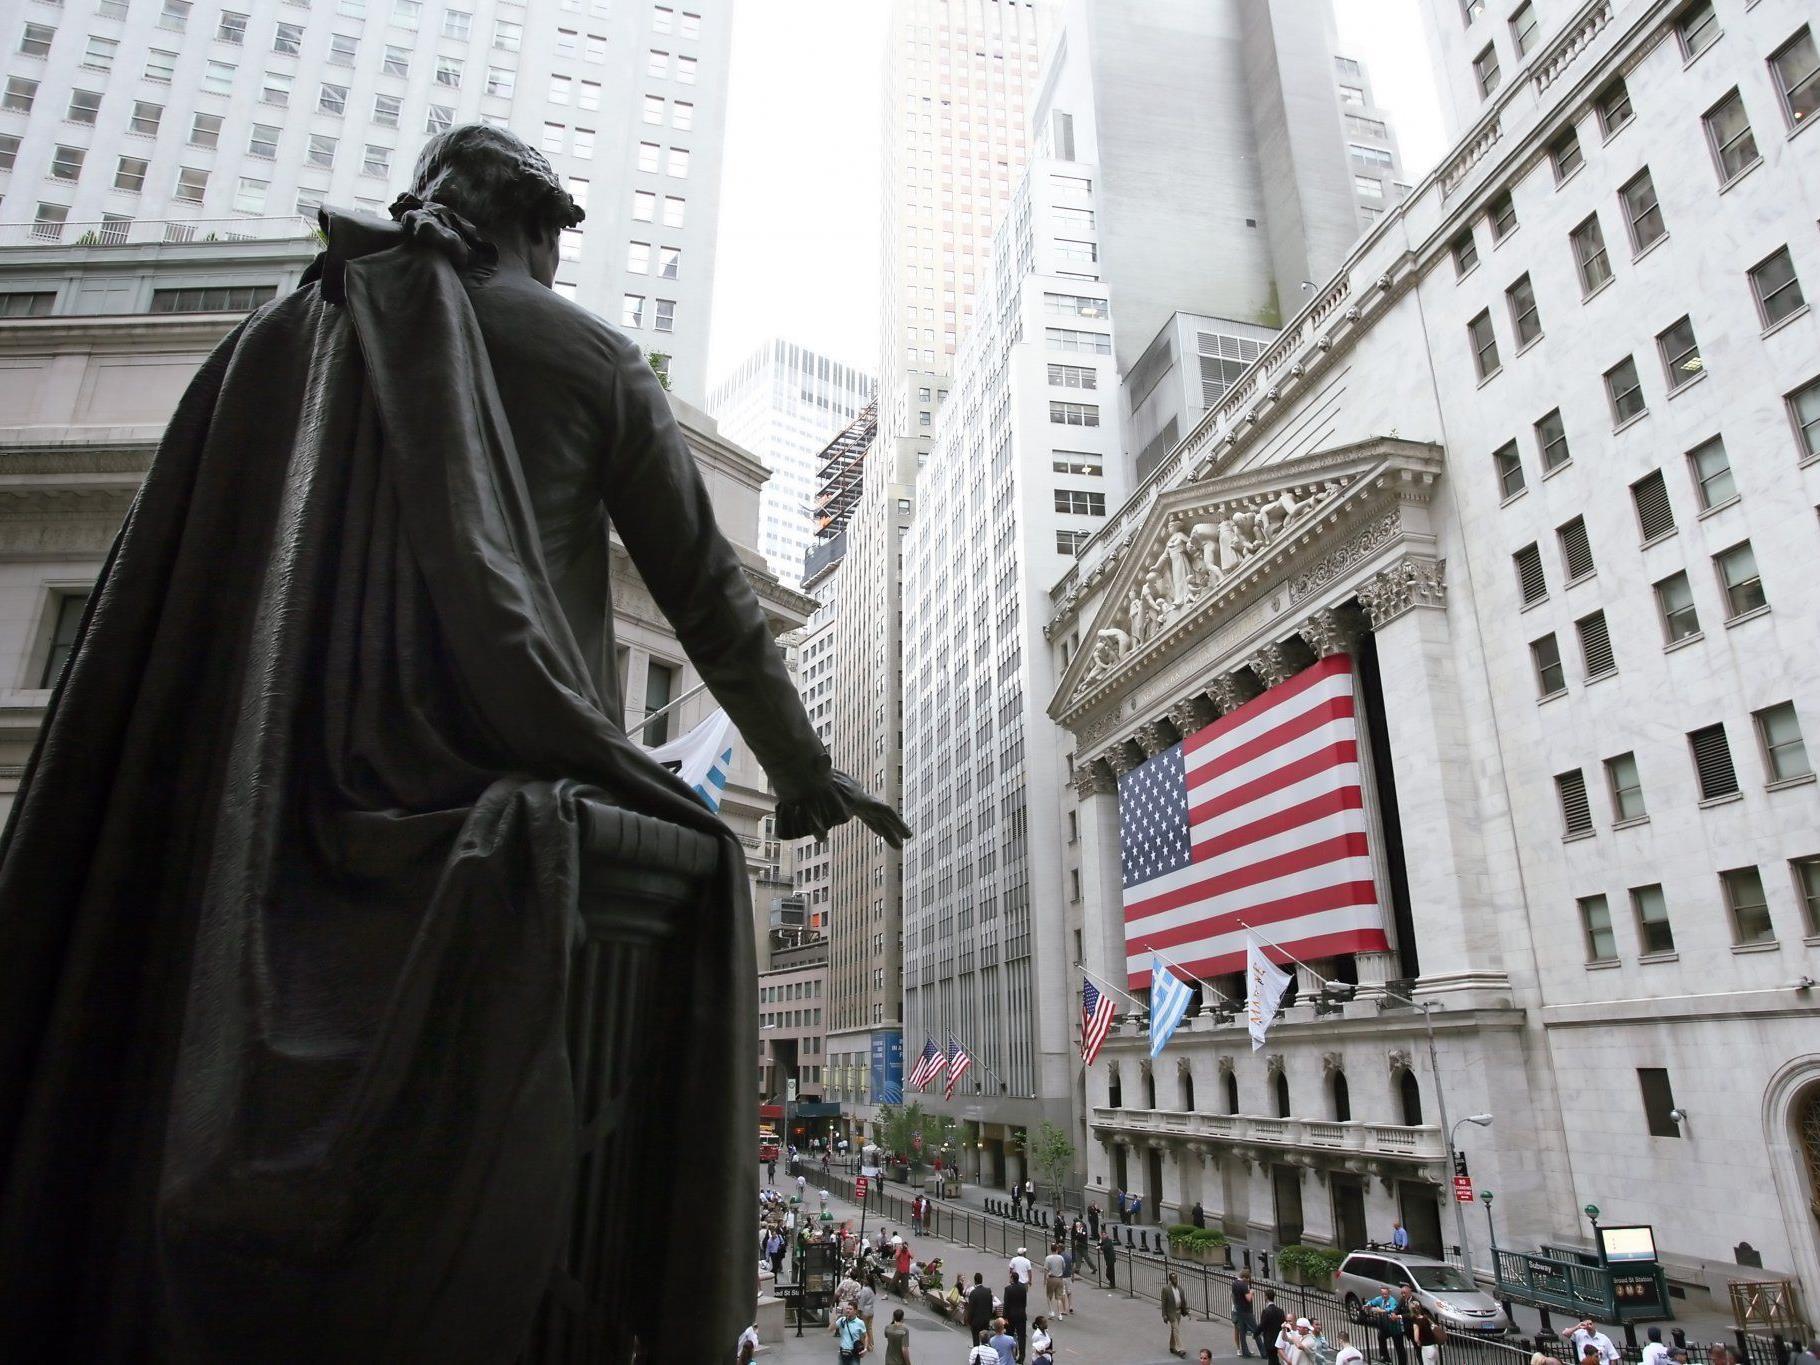 Land der unbegrenzten Möglichkeiten: Wertpapiere wurden von Schrott zu Geld.